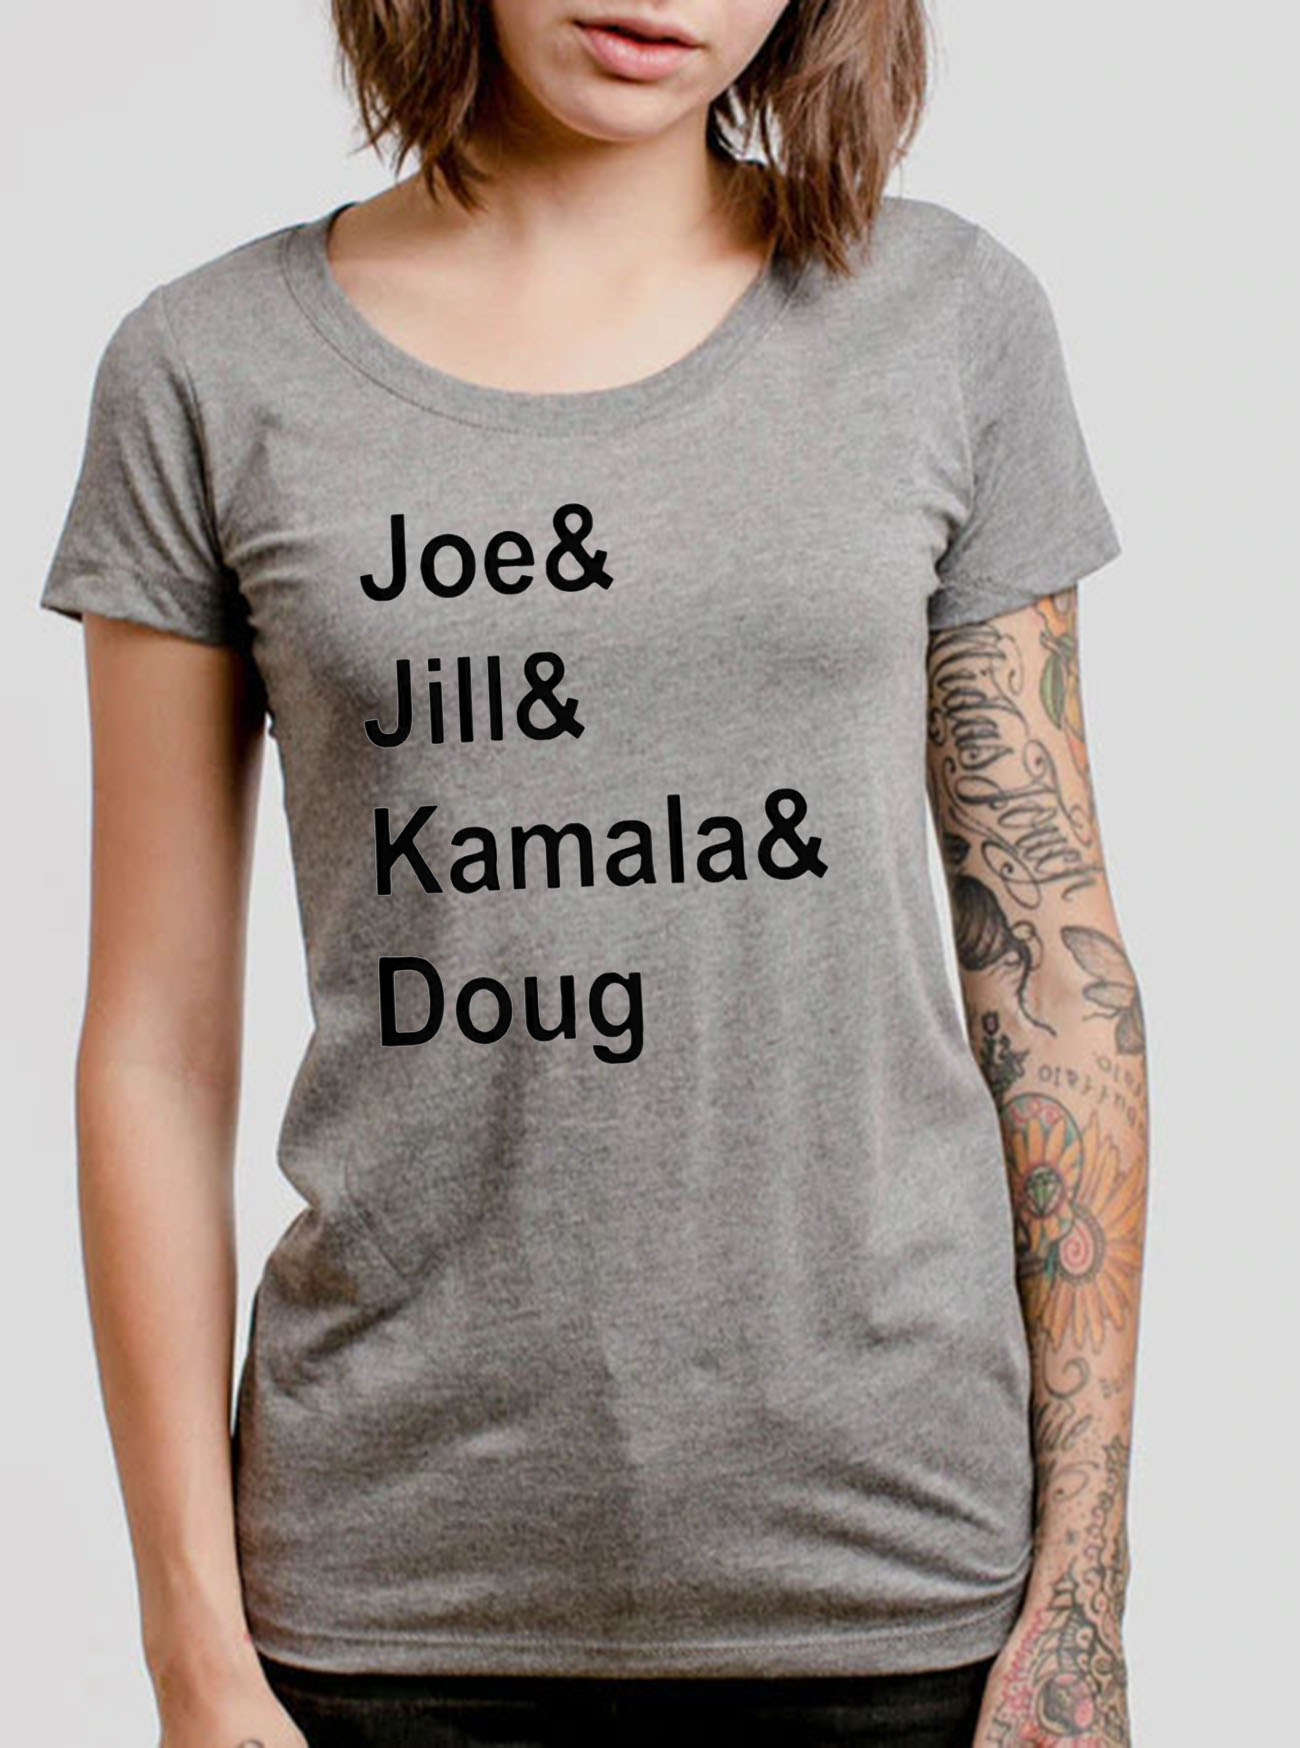 Joe and Jill and Kamala and Doug Tee Shirts